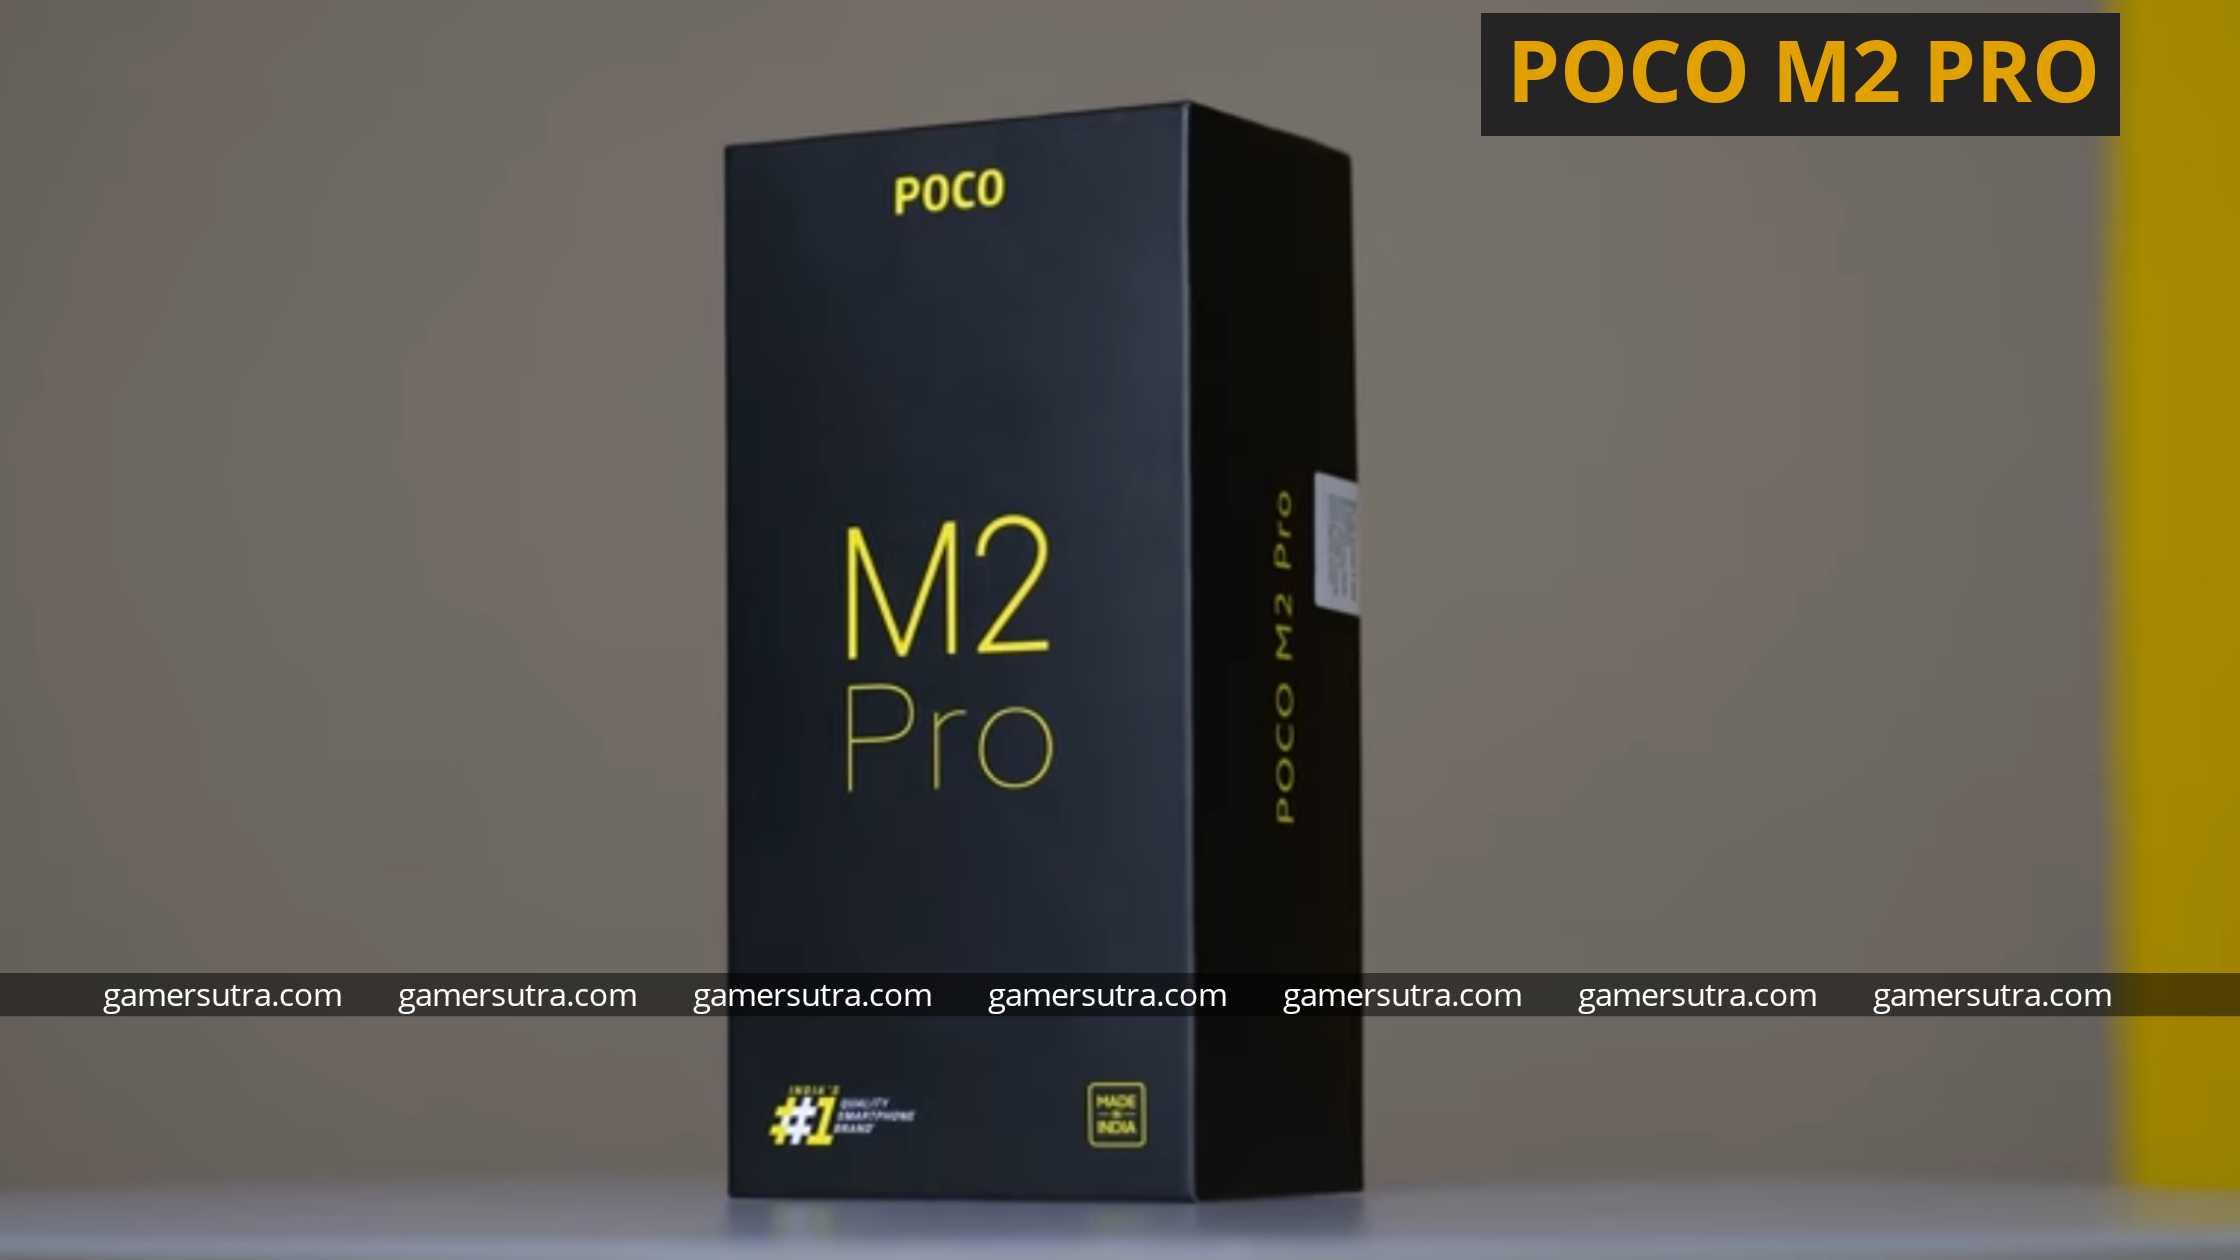 Poco M2 Pro - best Gaming phones under 15000